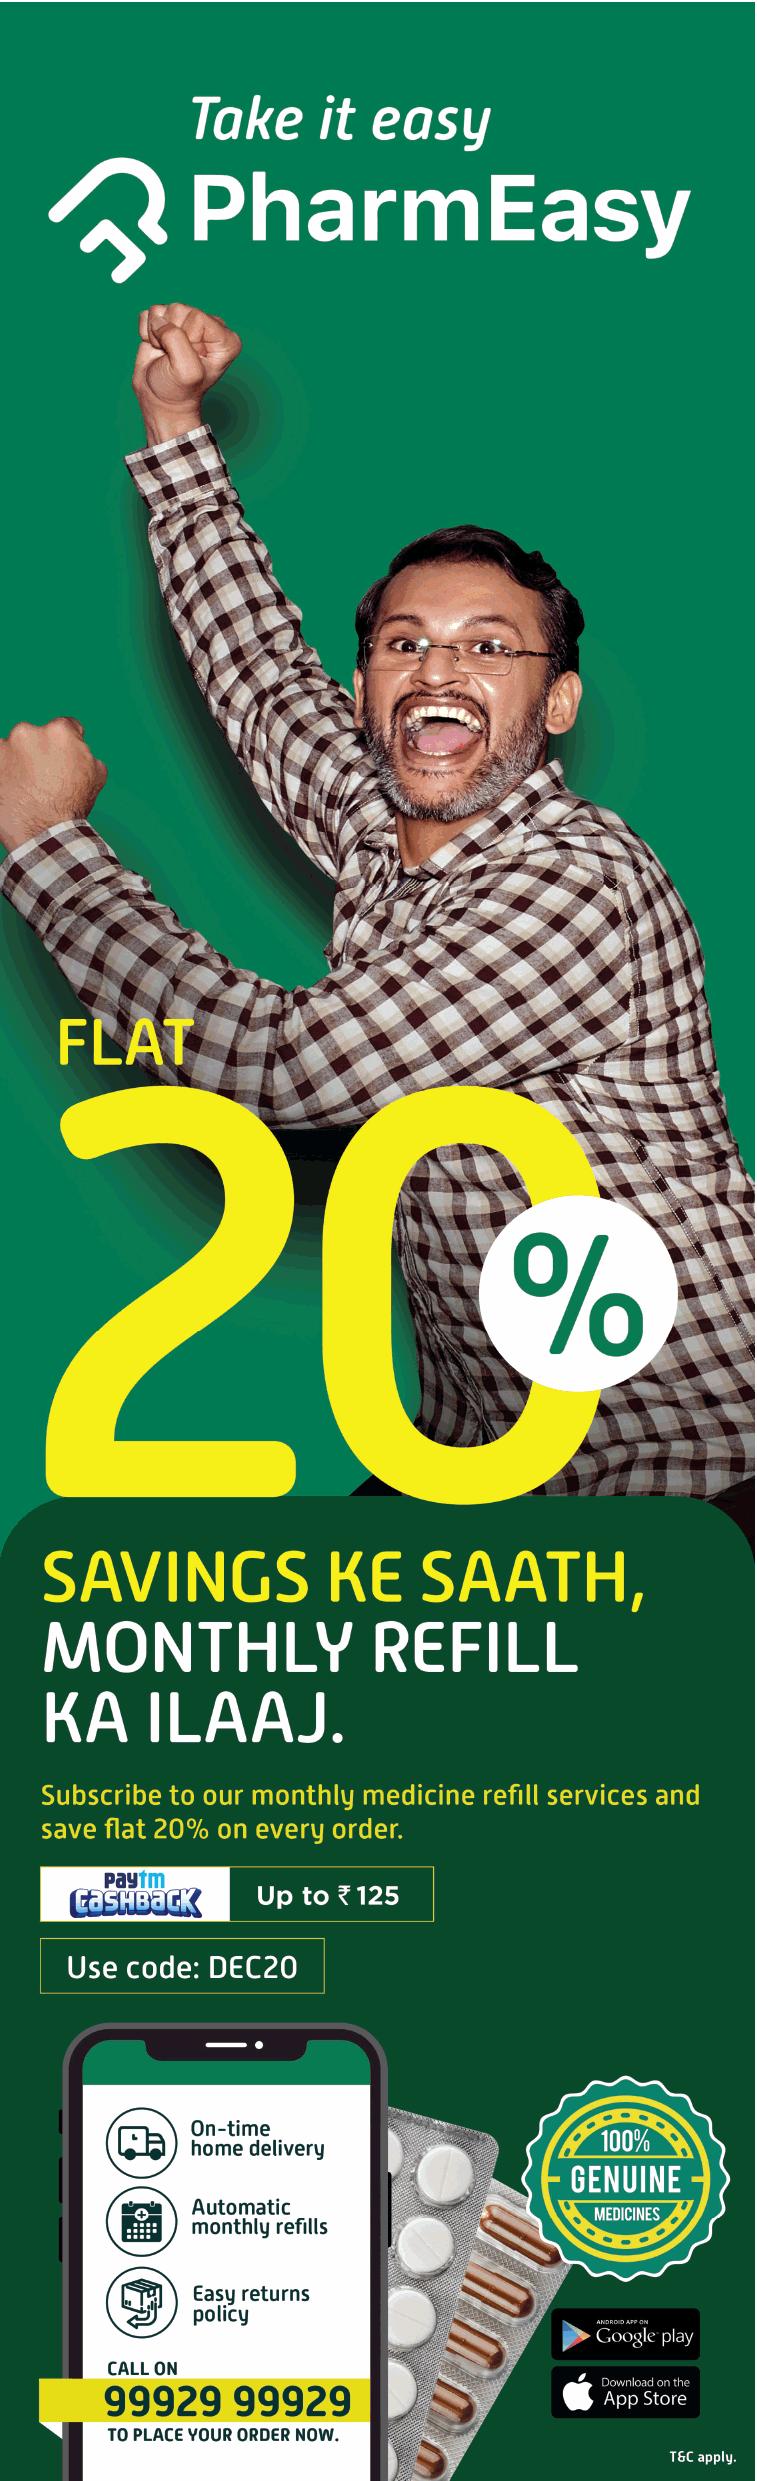 take-it-easy-pharmeasy-flat-20%-savings-ad-times-of-india-delhi-04-12-2018.png